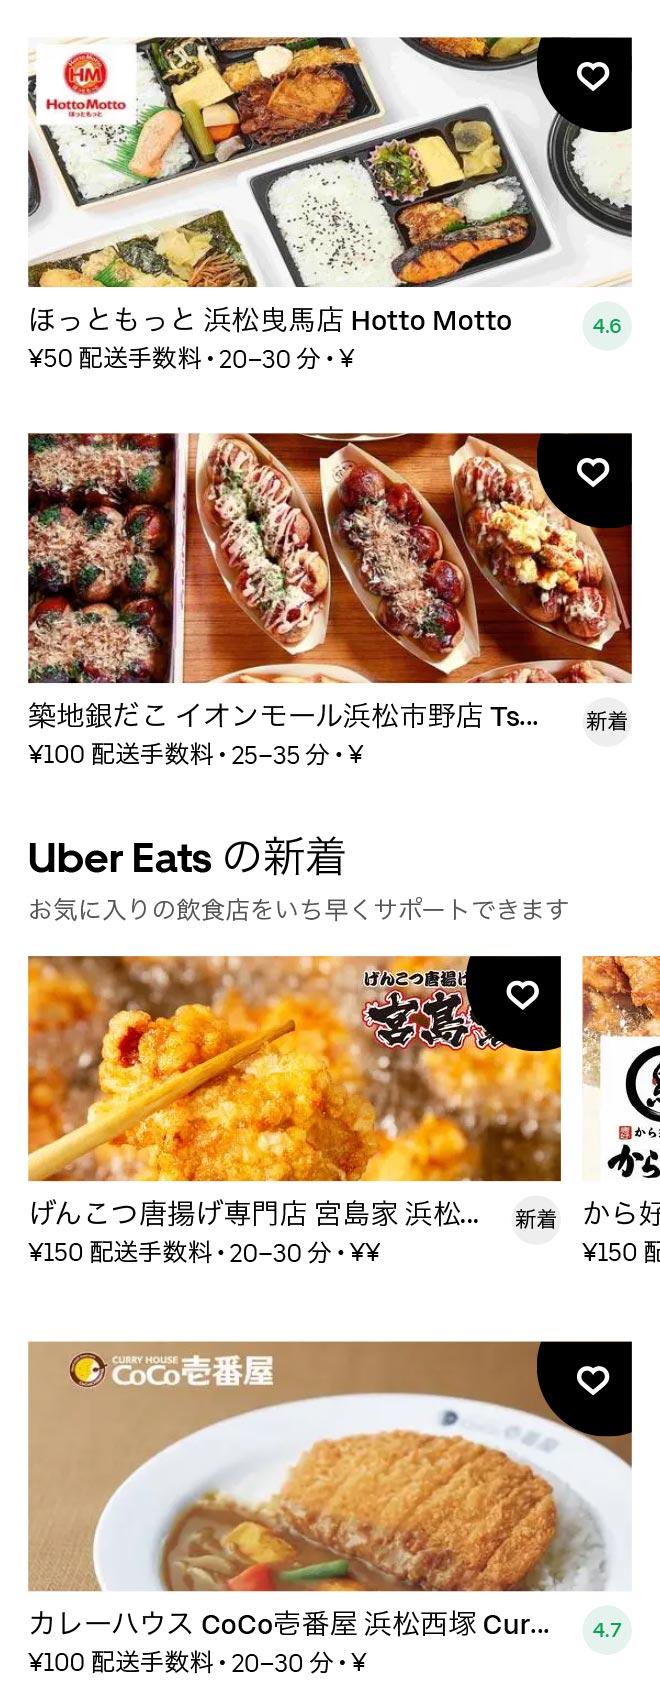 Hikuma menu 2011 02